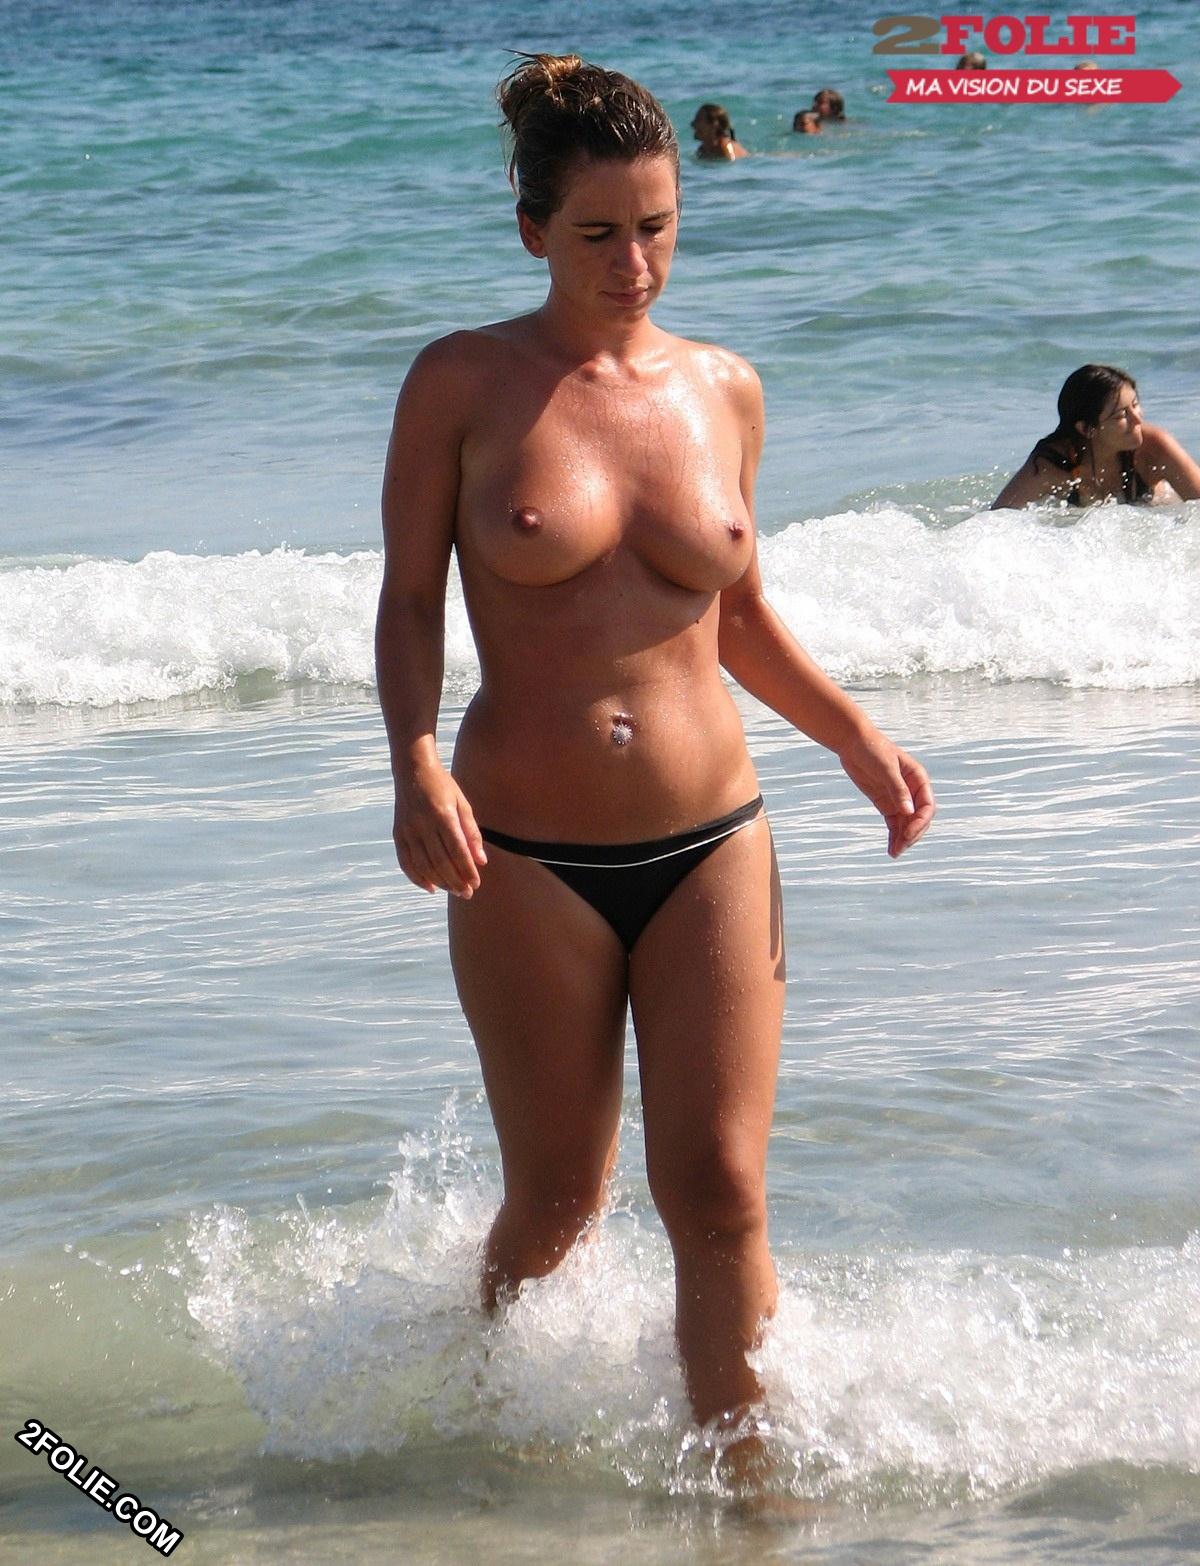 Une si jolie petite plage - Vido Inafr